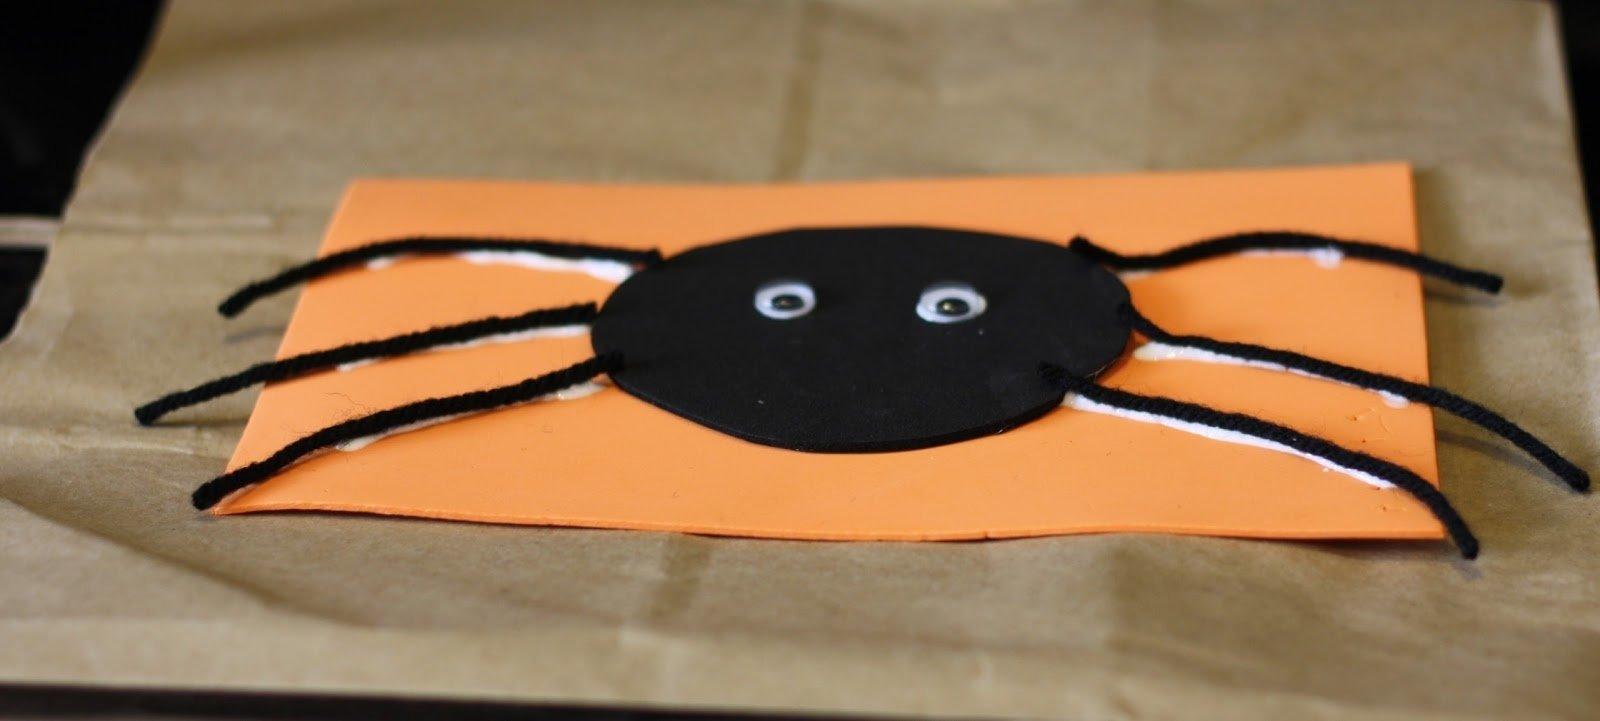 10 Elegant Halloween Craft Ideas For Preschoolers 31 easy halloween crafts for preschoolers thriving home 2